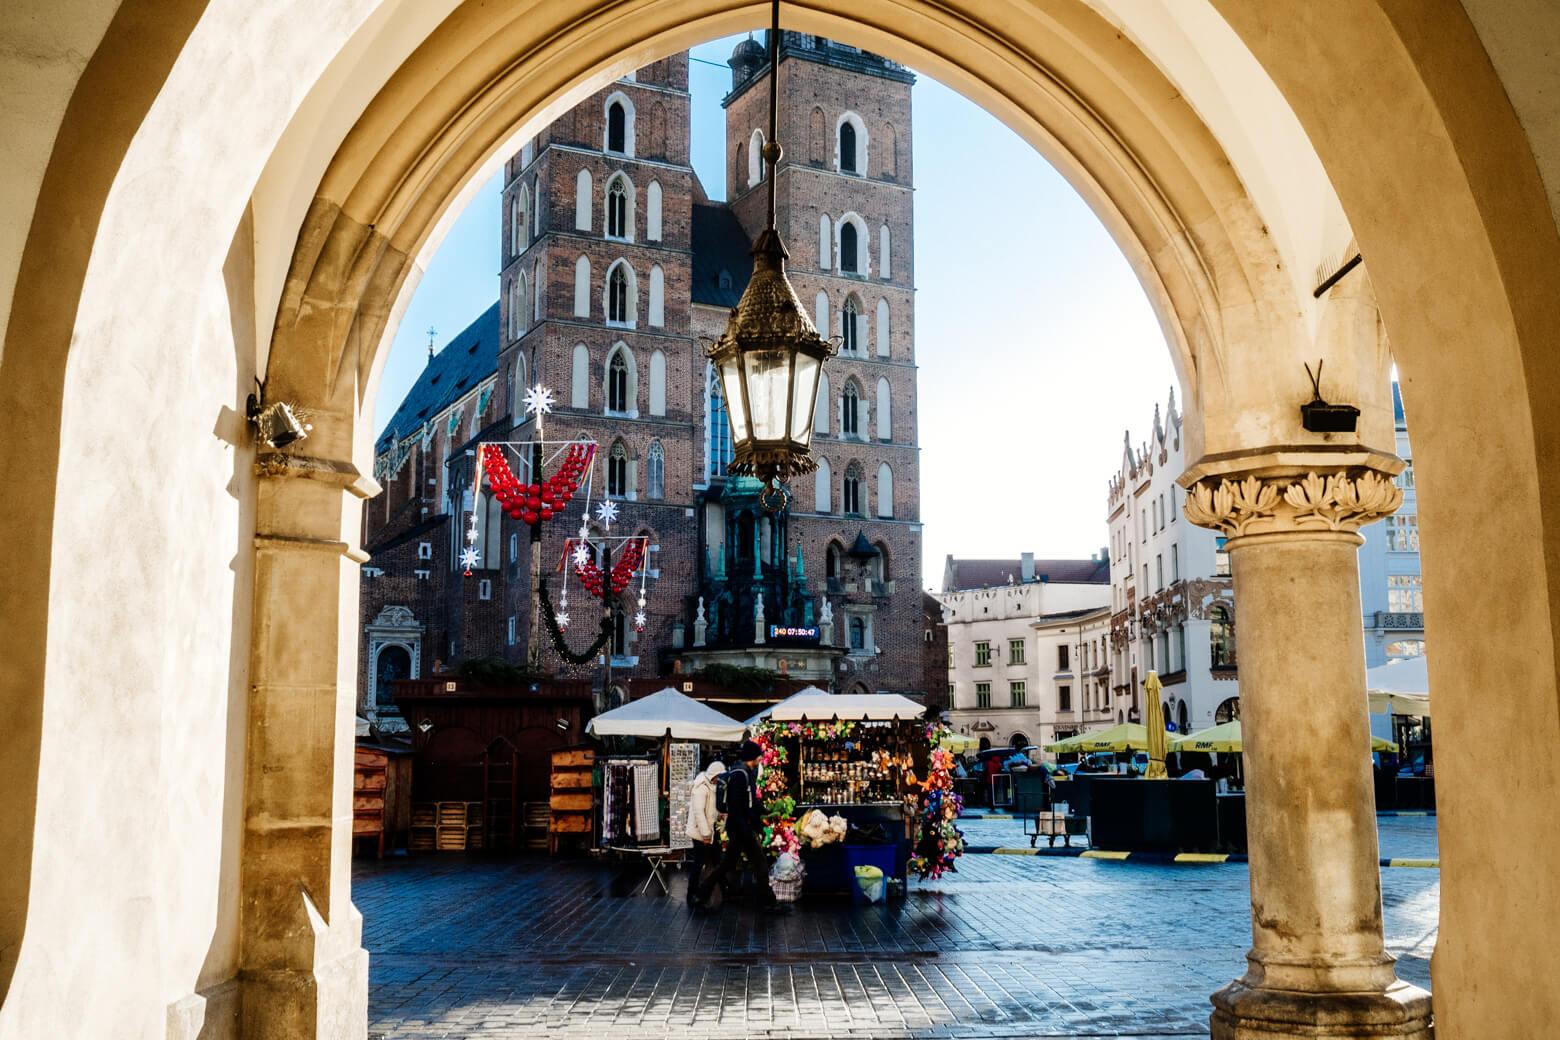 Krakow Christmas Stalls